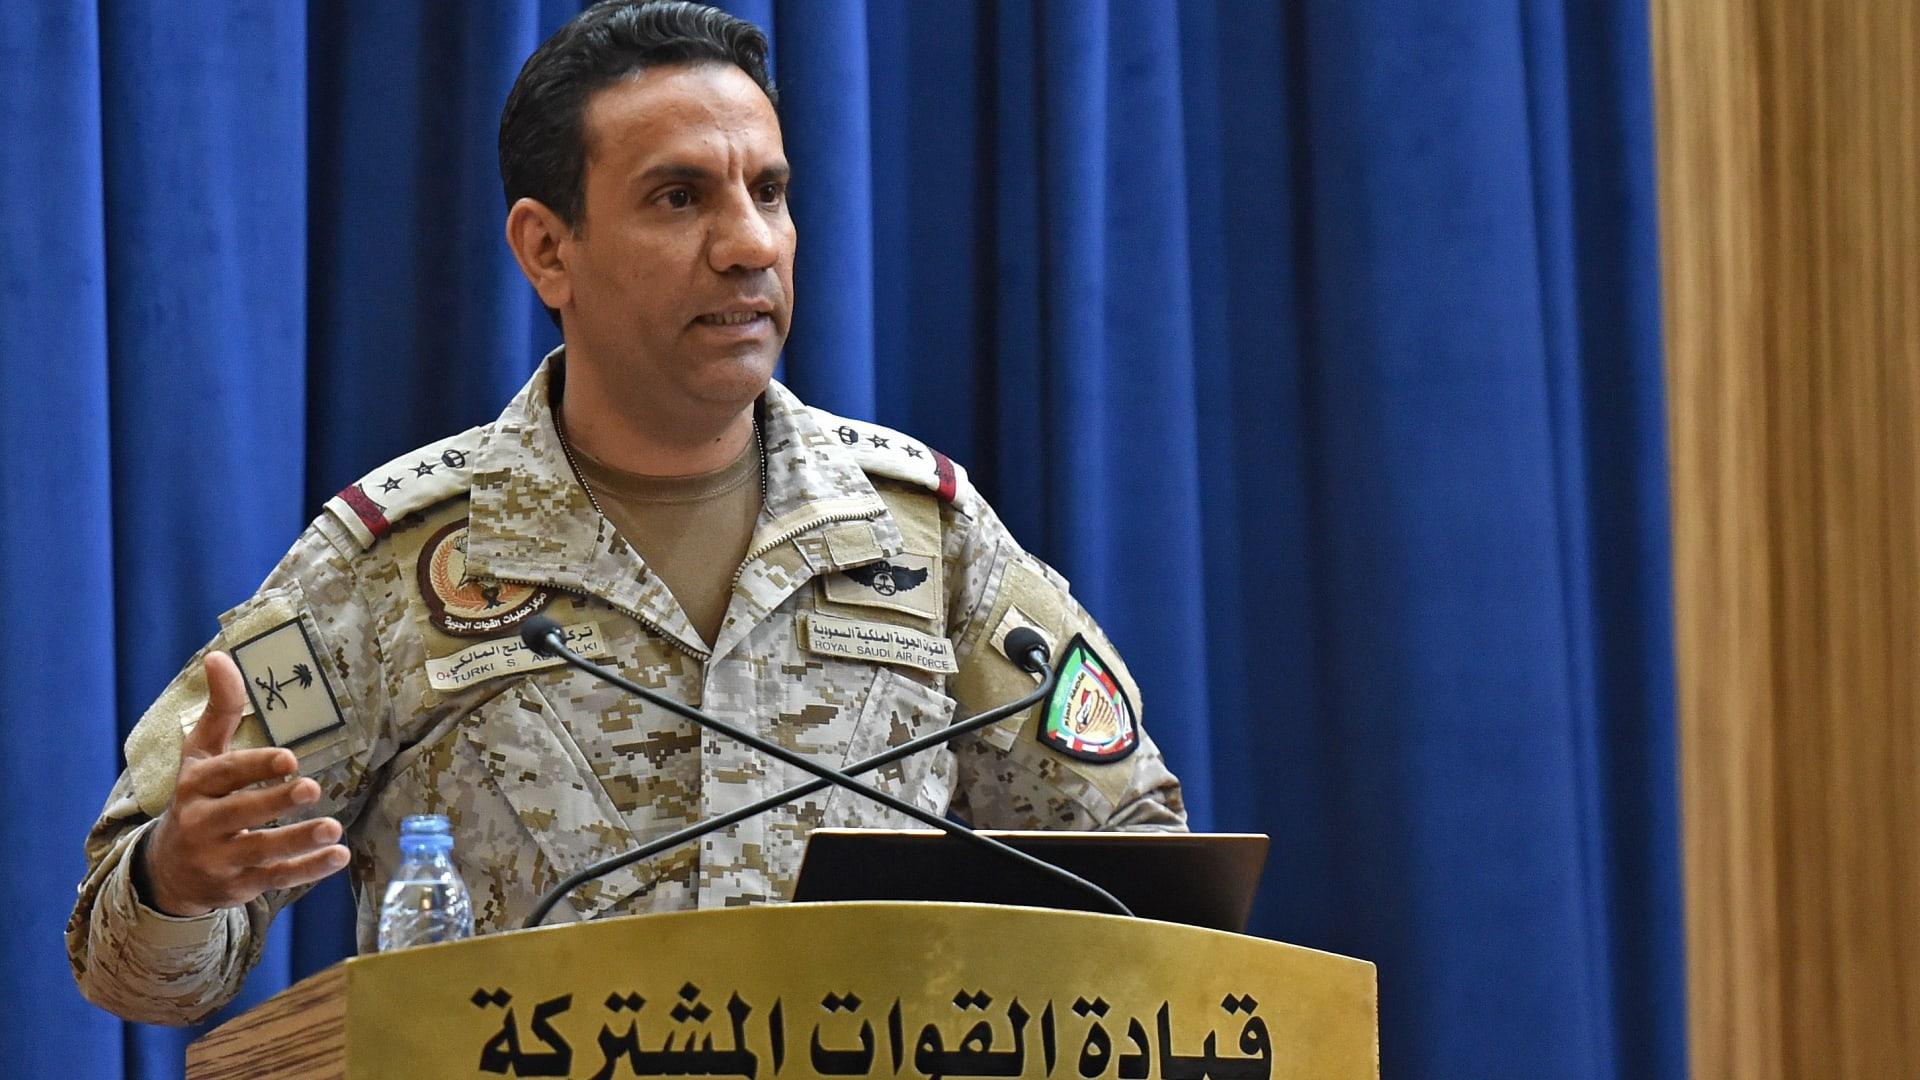 التحالف يرد على تقرير UN حول وقوع 6 ضحايا مدنيين بغارة في شبوة باليمن